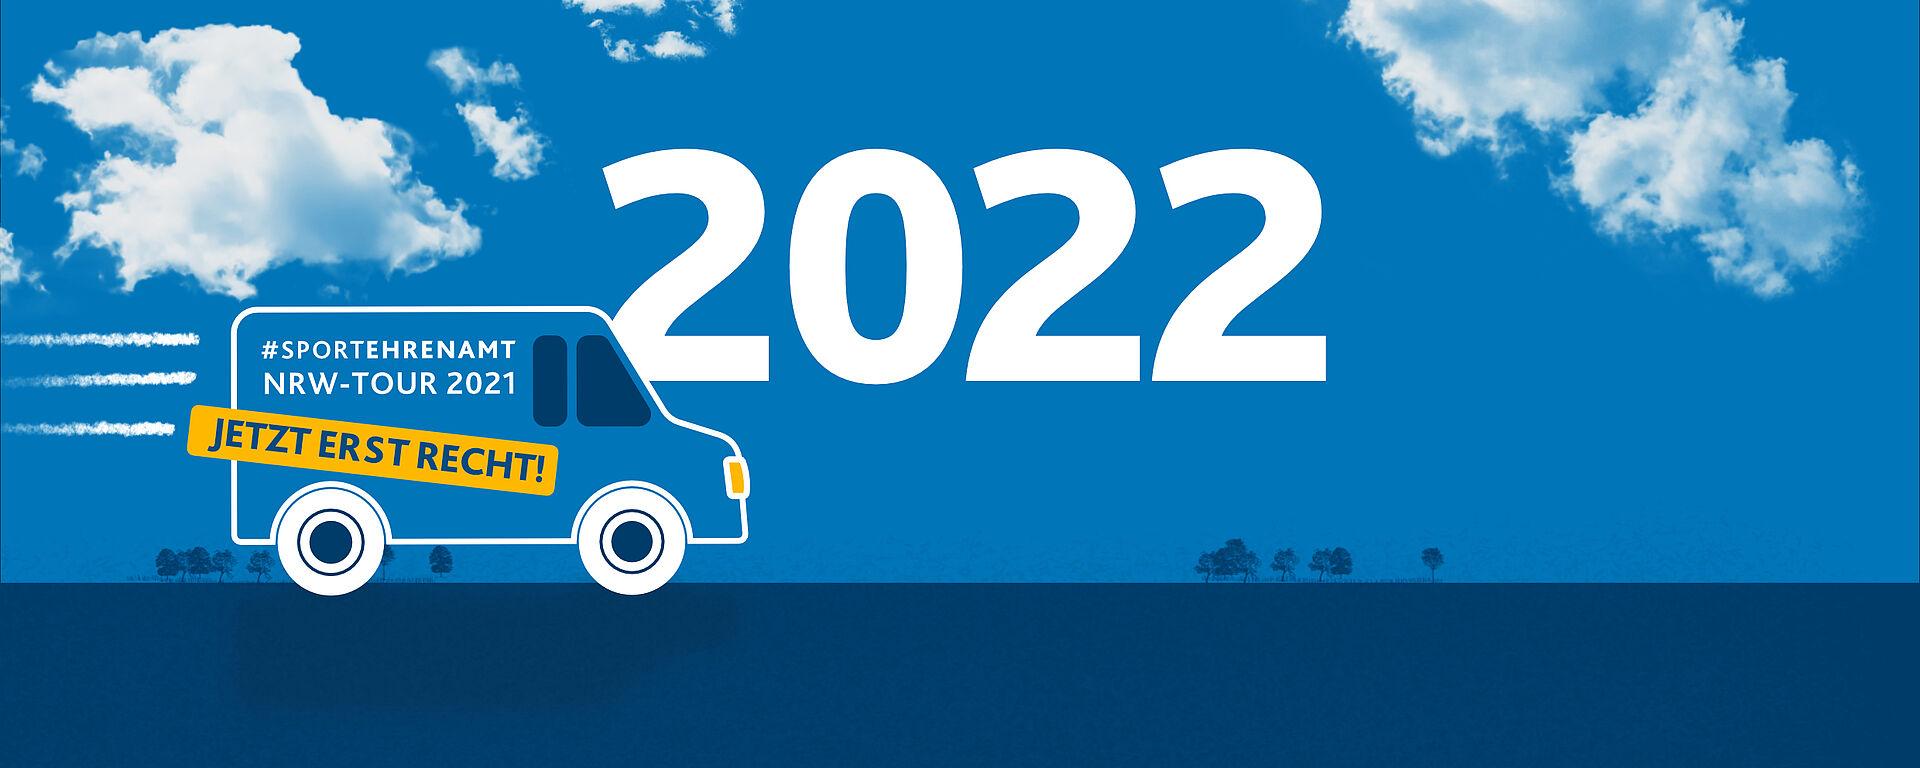 NRW-Tour 2022